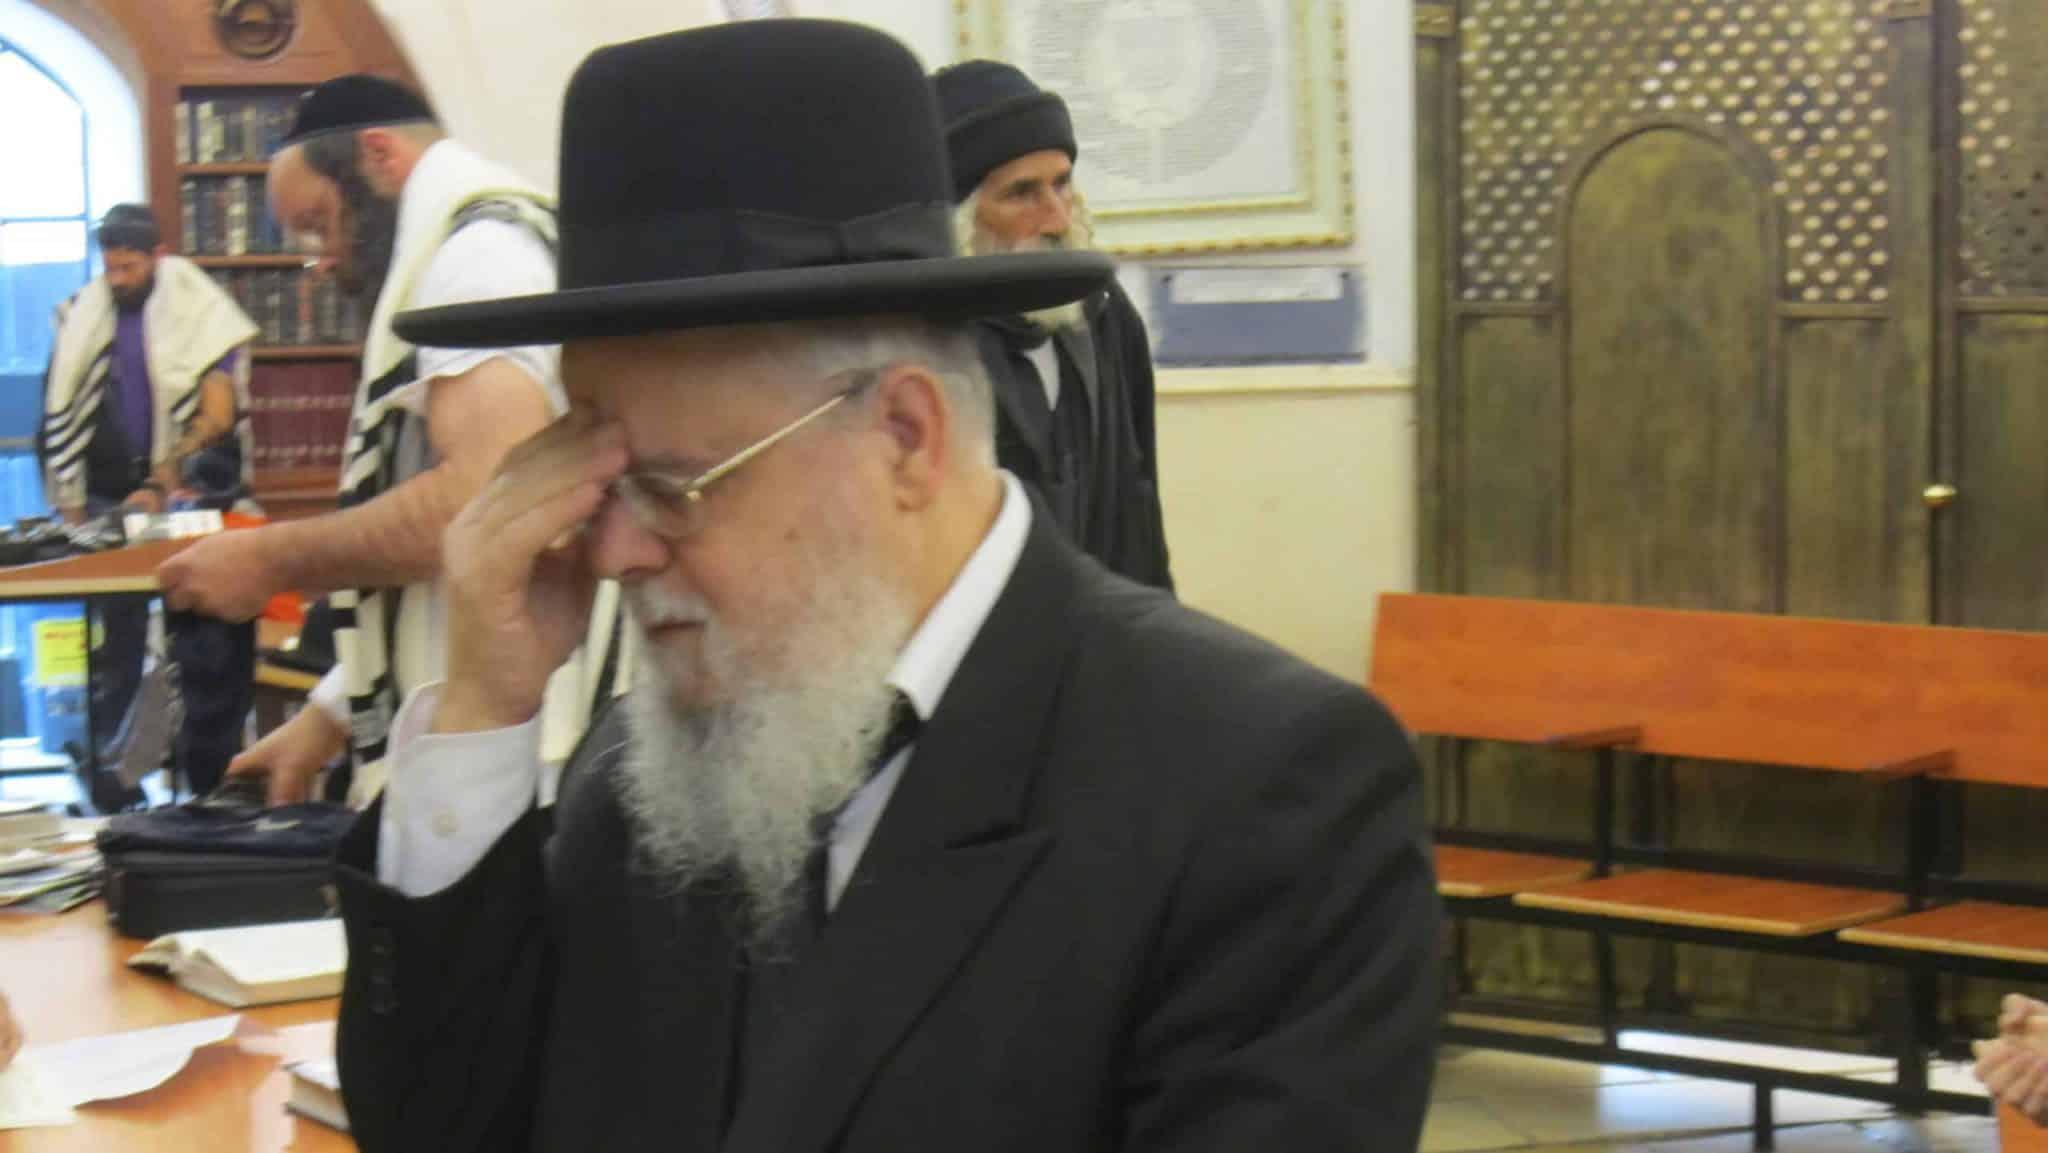 הרב יהושע ברכץ פרקי תהילים שמצילים מהקורונה